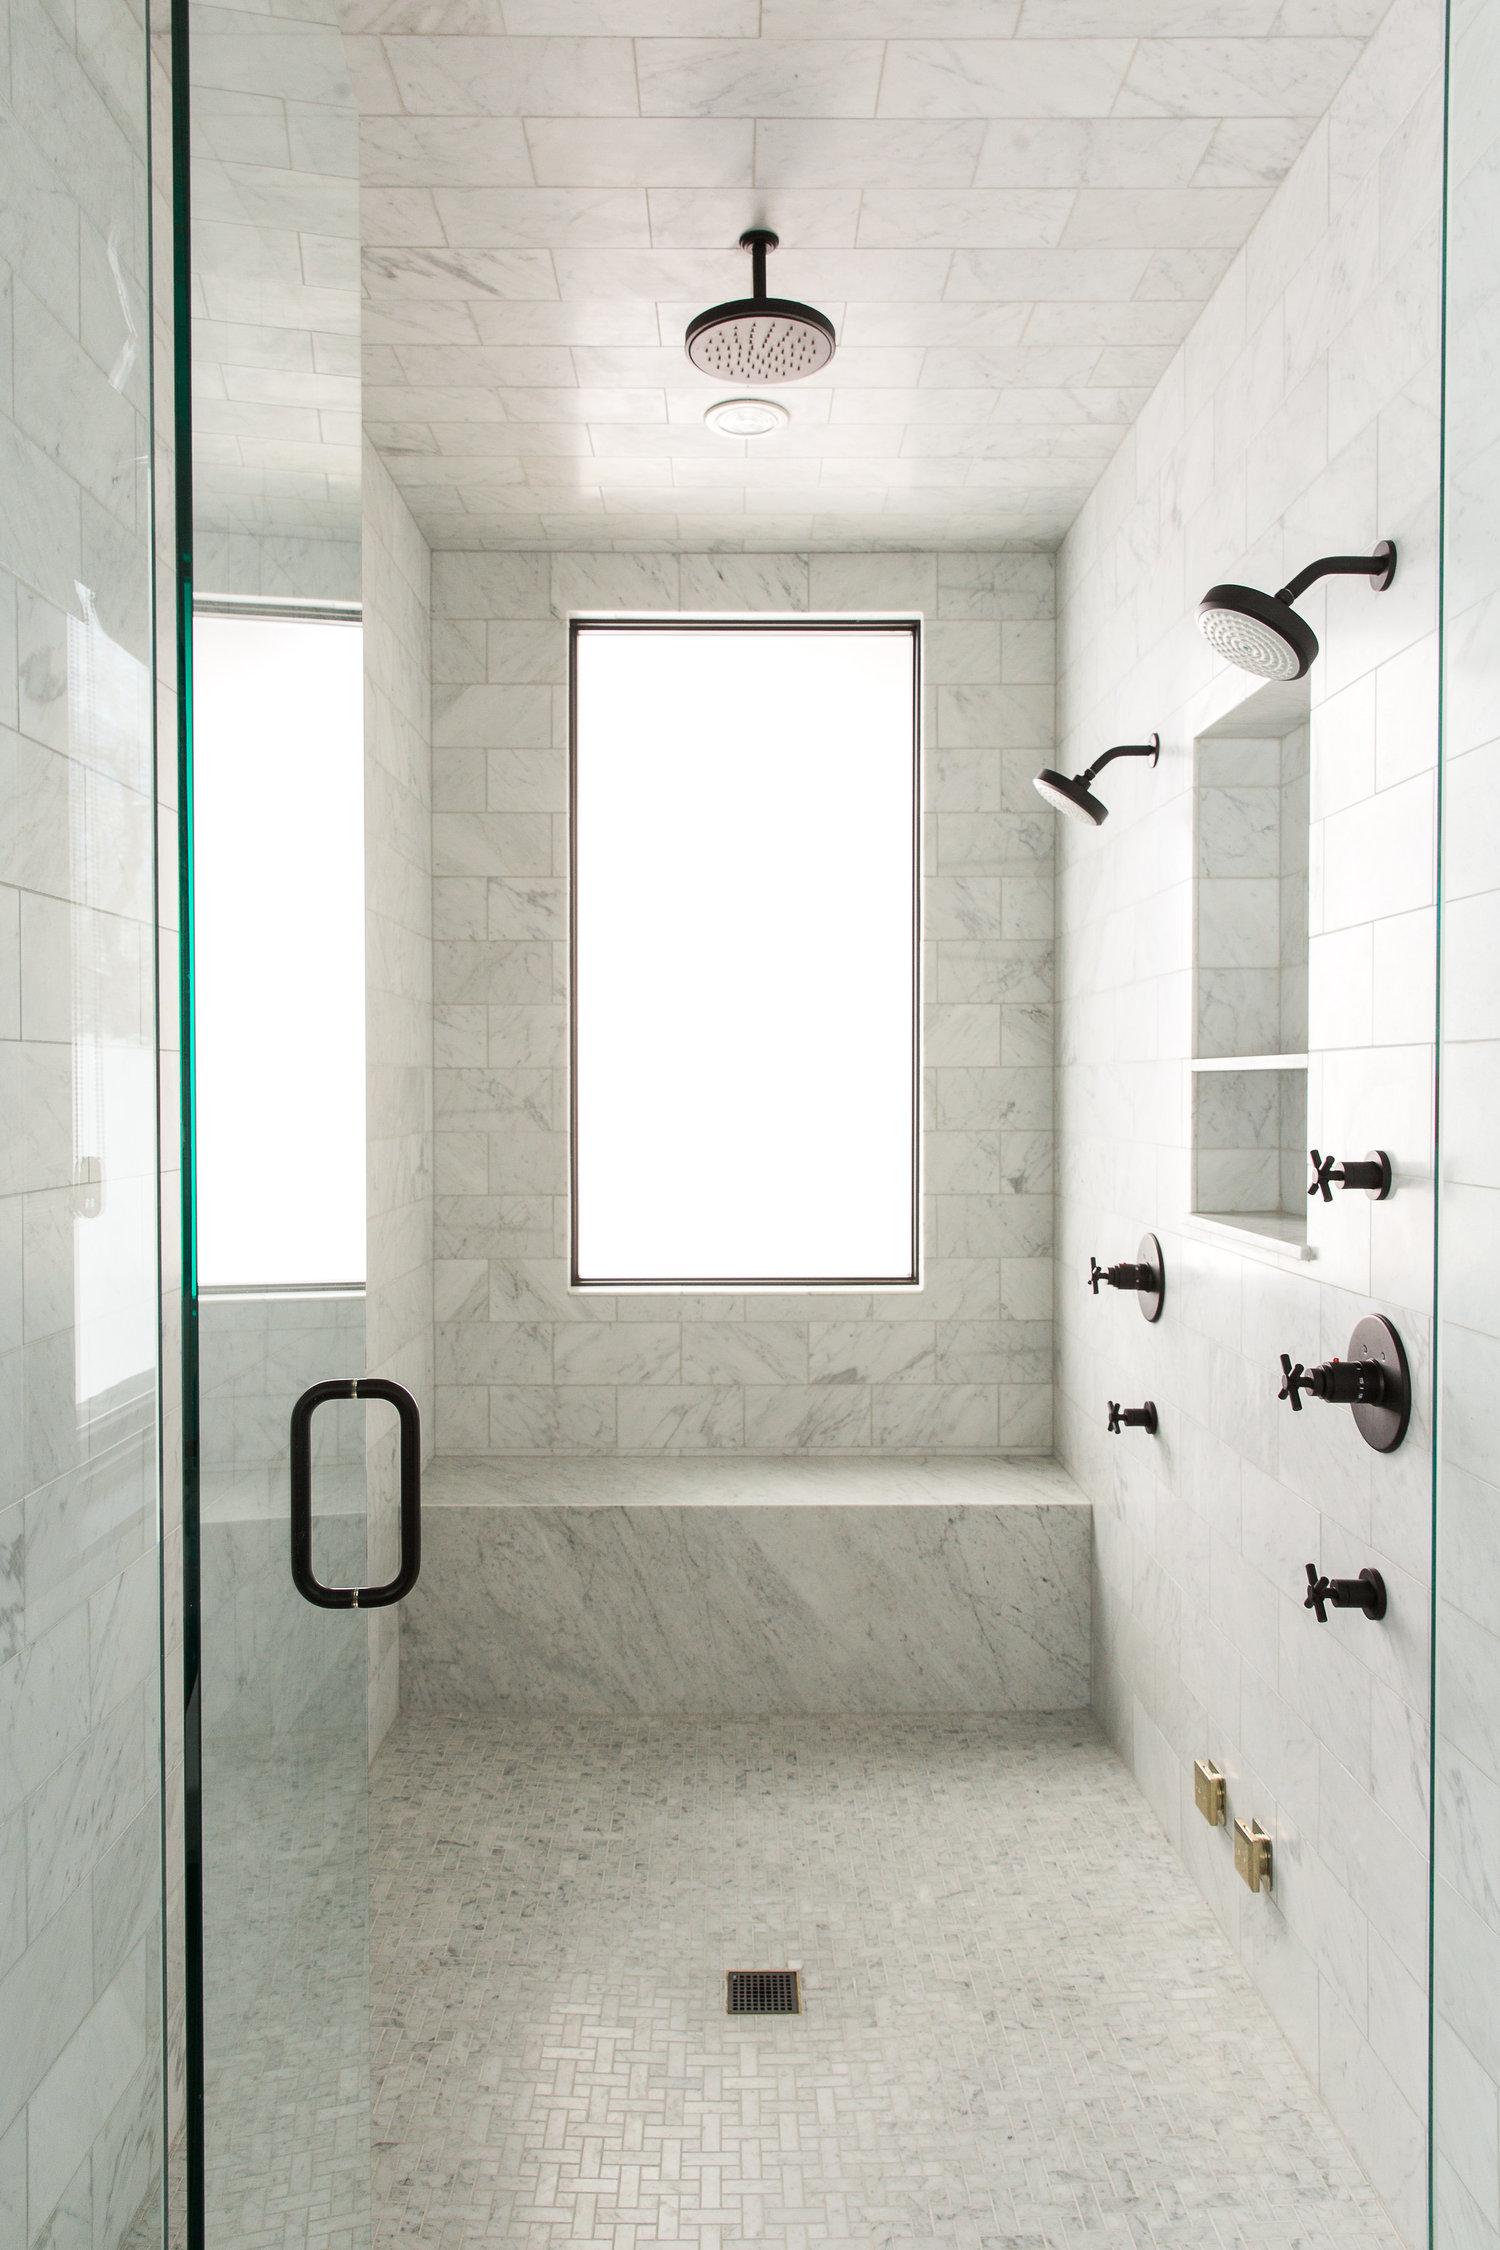 Open glass door to large standing shower